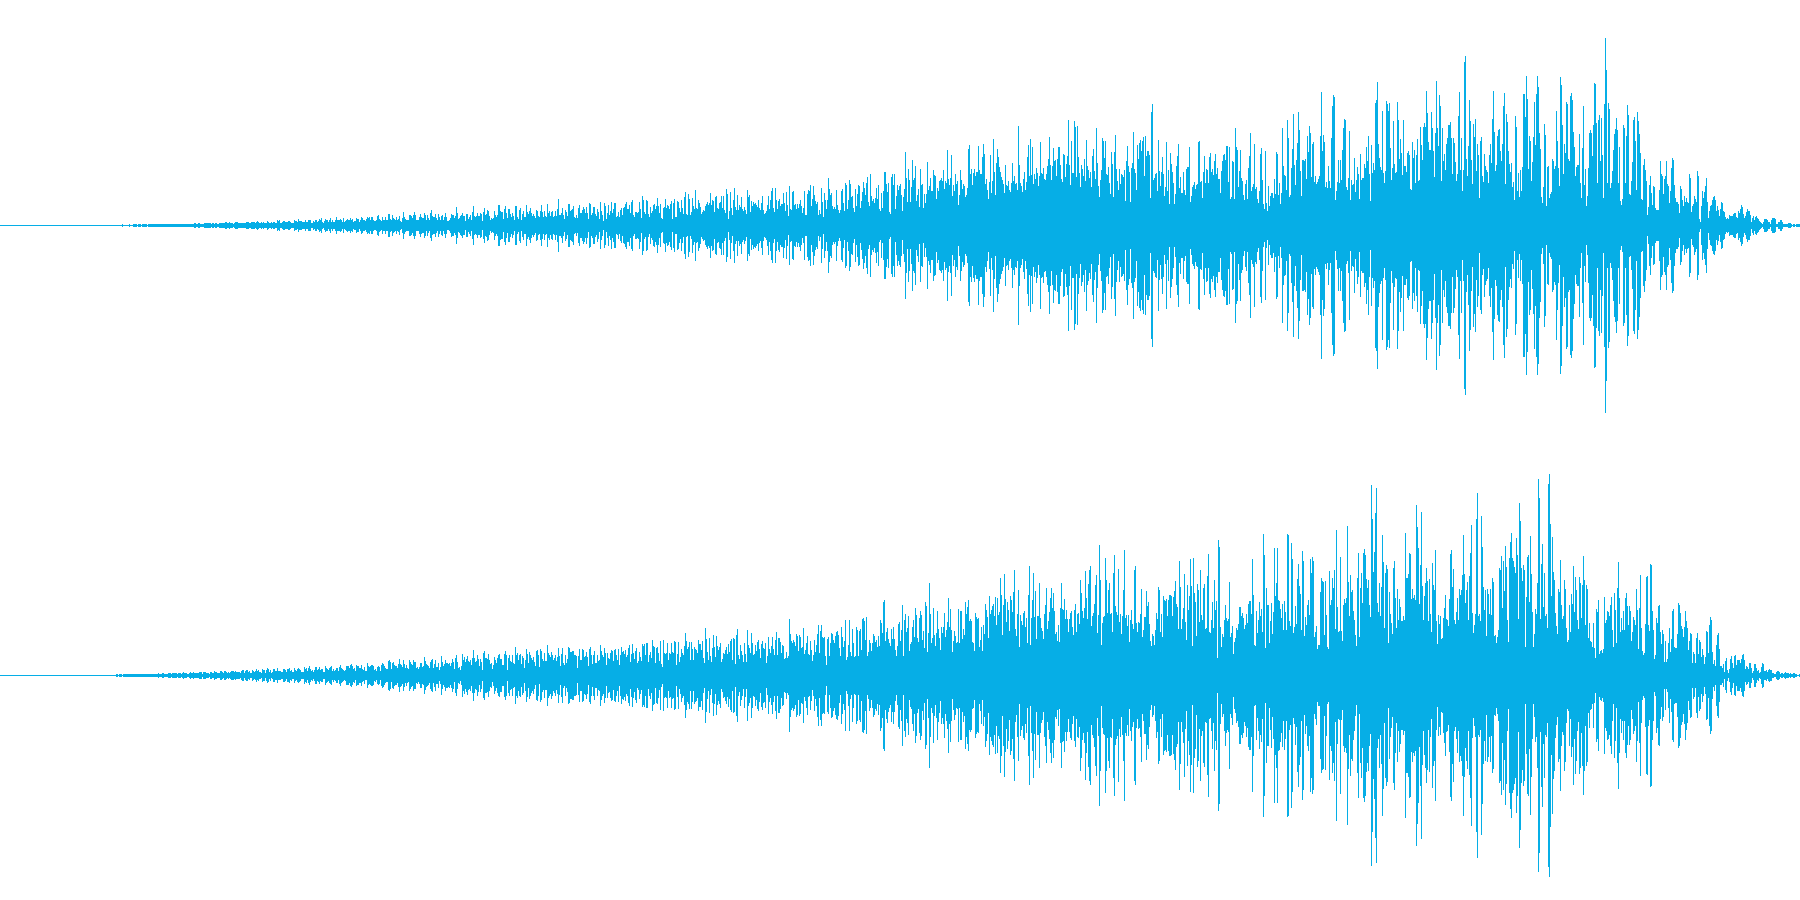 ホラー系/リバース音/場面転換の再生済みの波形